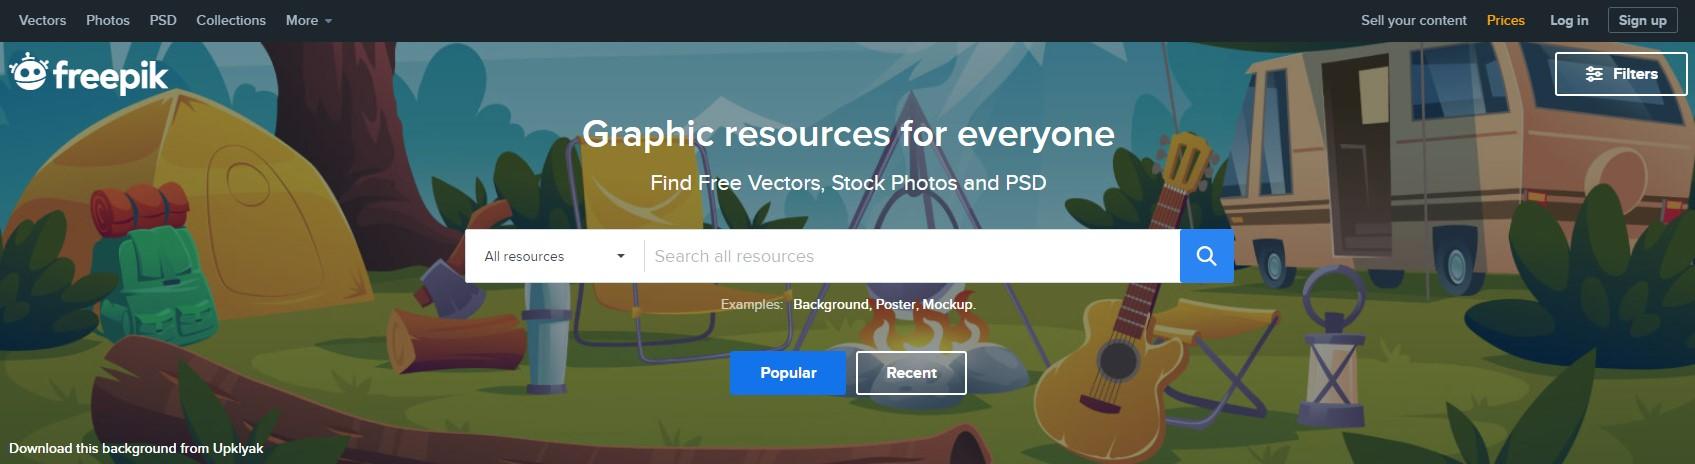 Free Vectors, Stock Photos & PSD Downloads | Freepik